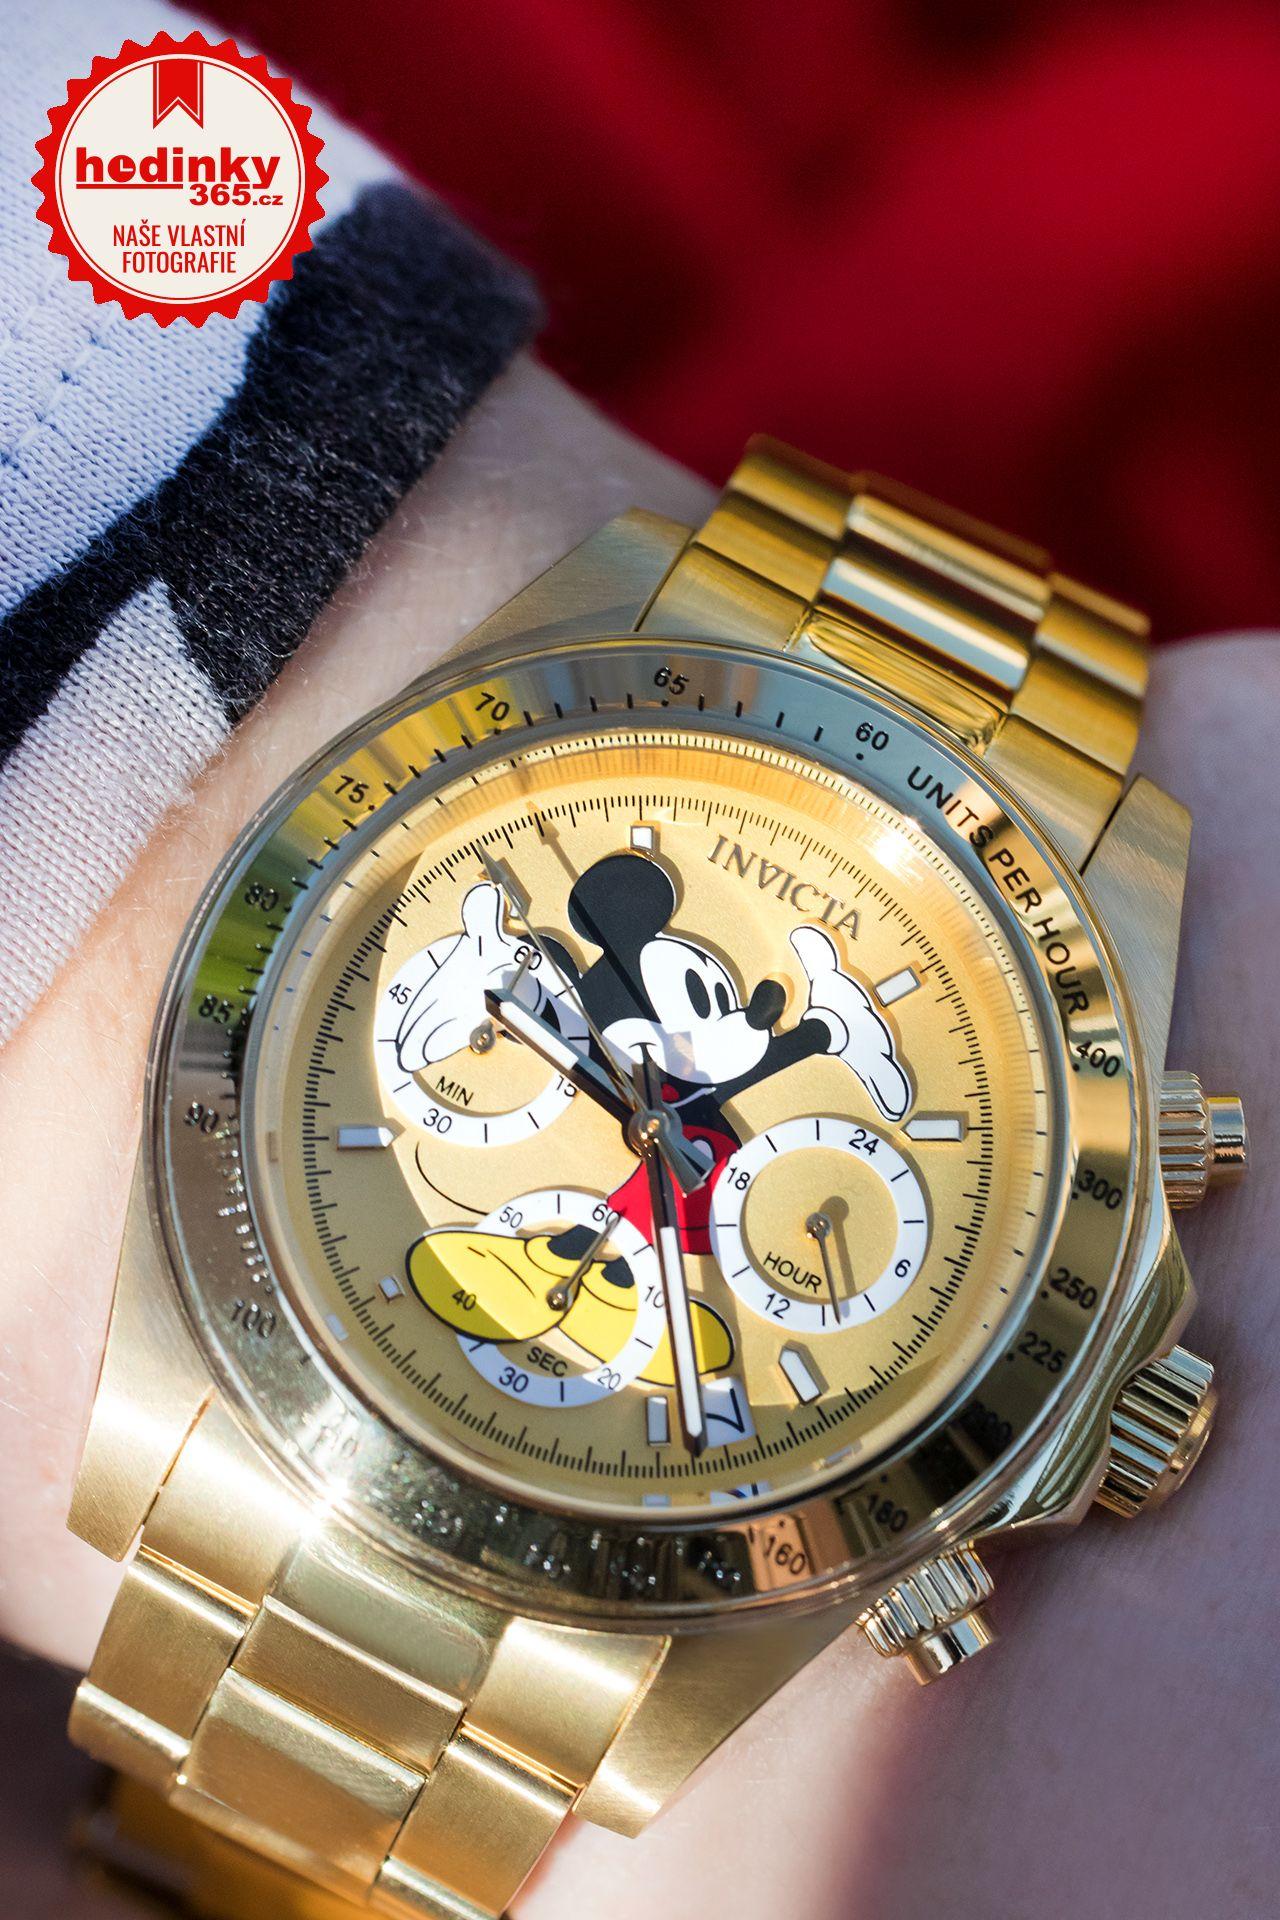 9032fc214a1 Invicta Disney Quartz 25196 Mickey Mouse Limited Edition 3000pcs. Unisex  hodinky - ocelový řemínek, ocel pouzdro, minerální sklíčko.